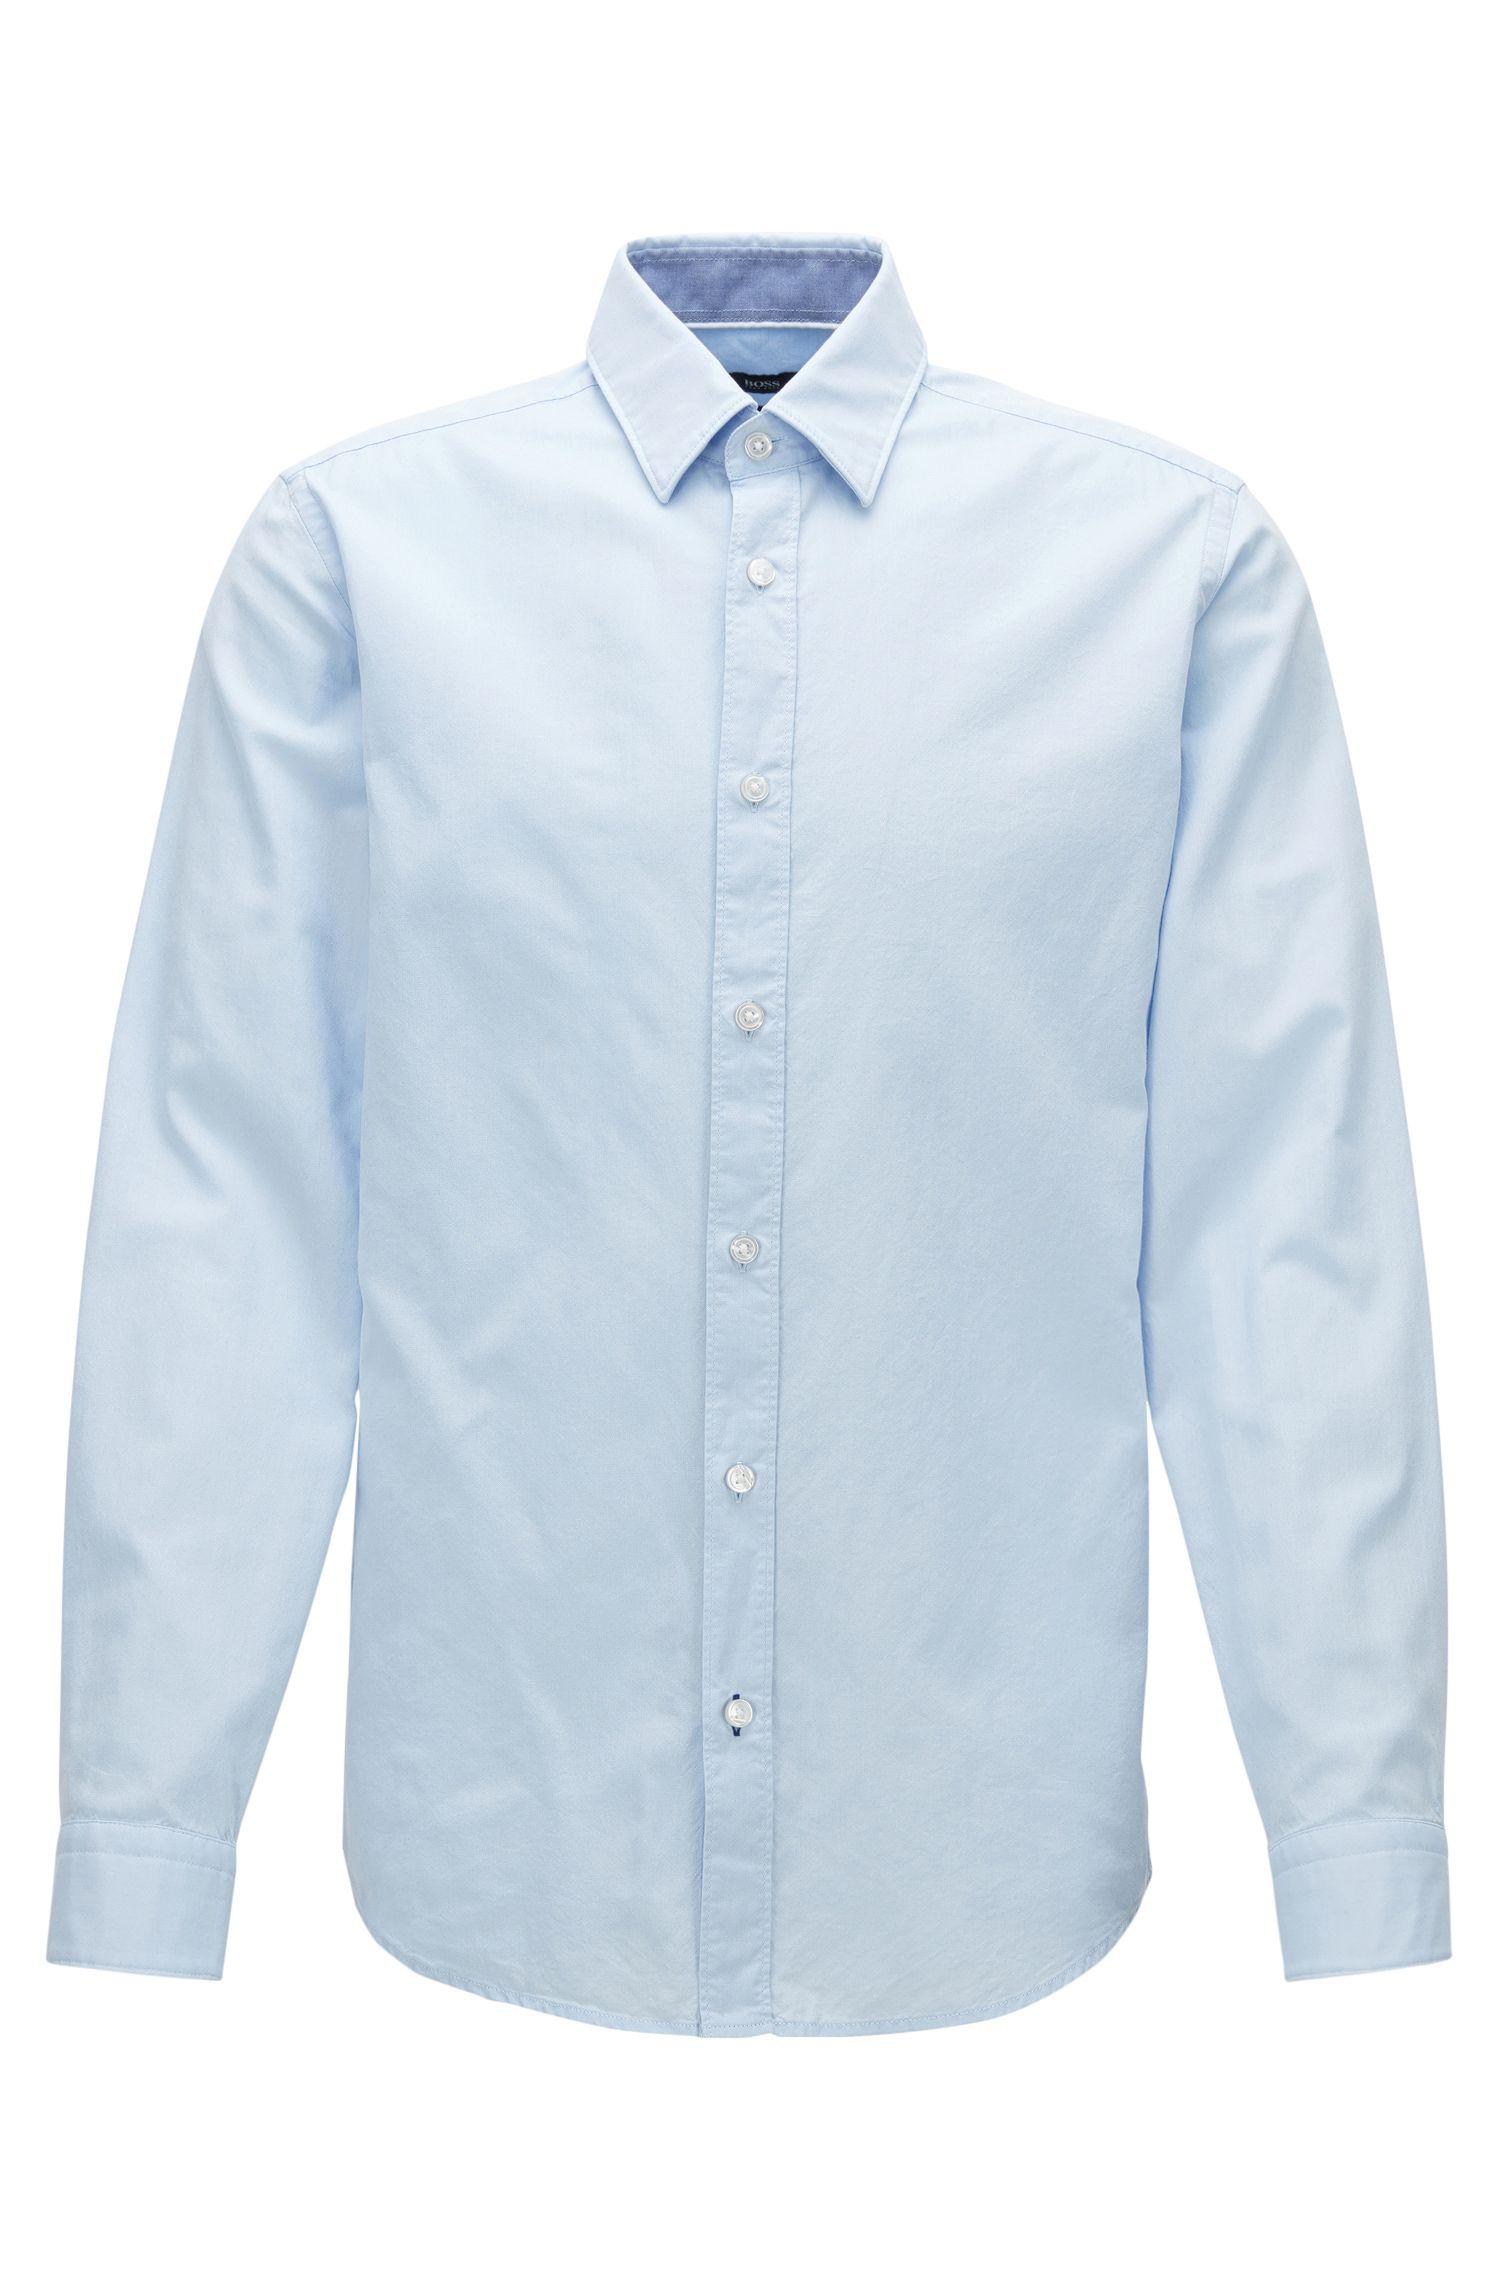 Camicia stile Oxford regular fit in cotone lavato